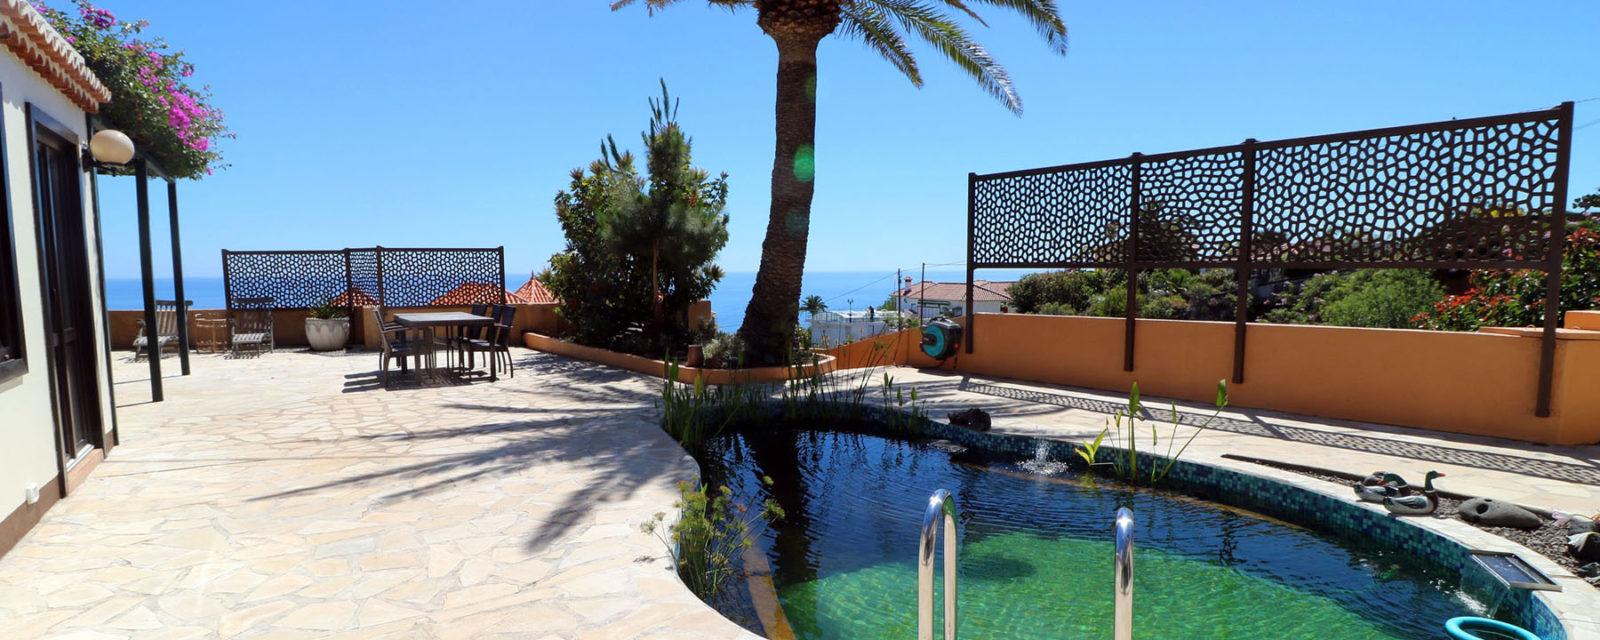 La Palma - Villa Escondida - Swimming pond